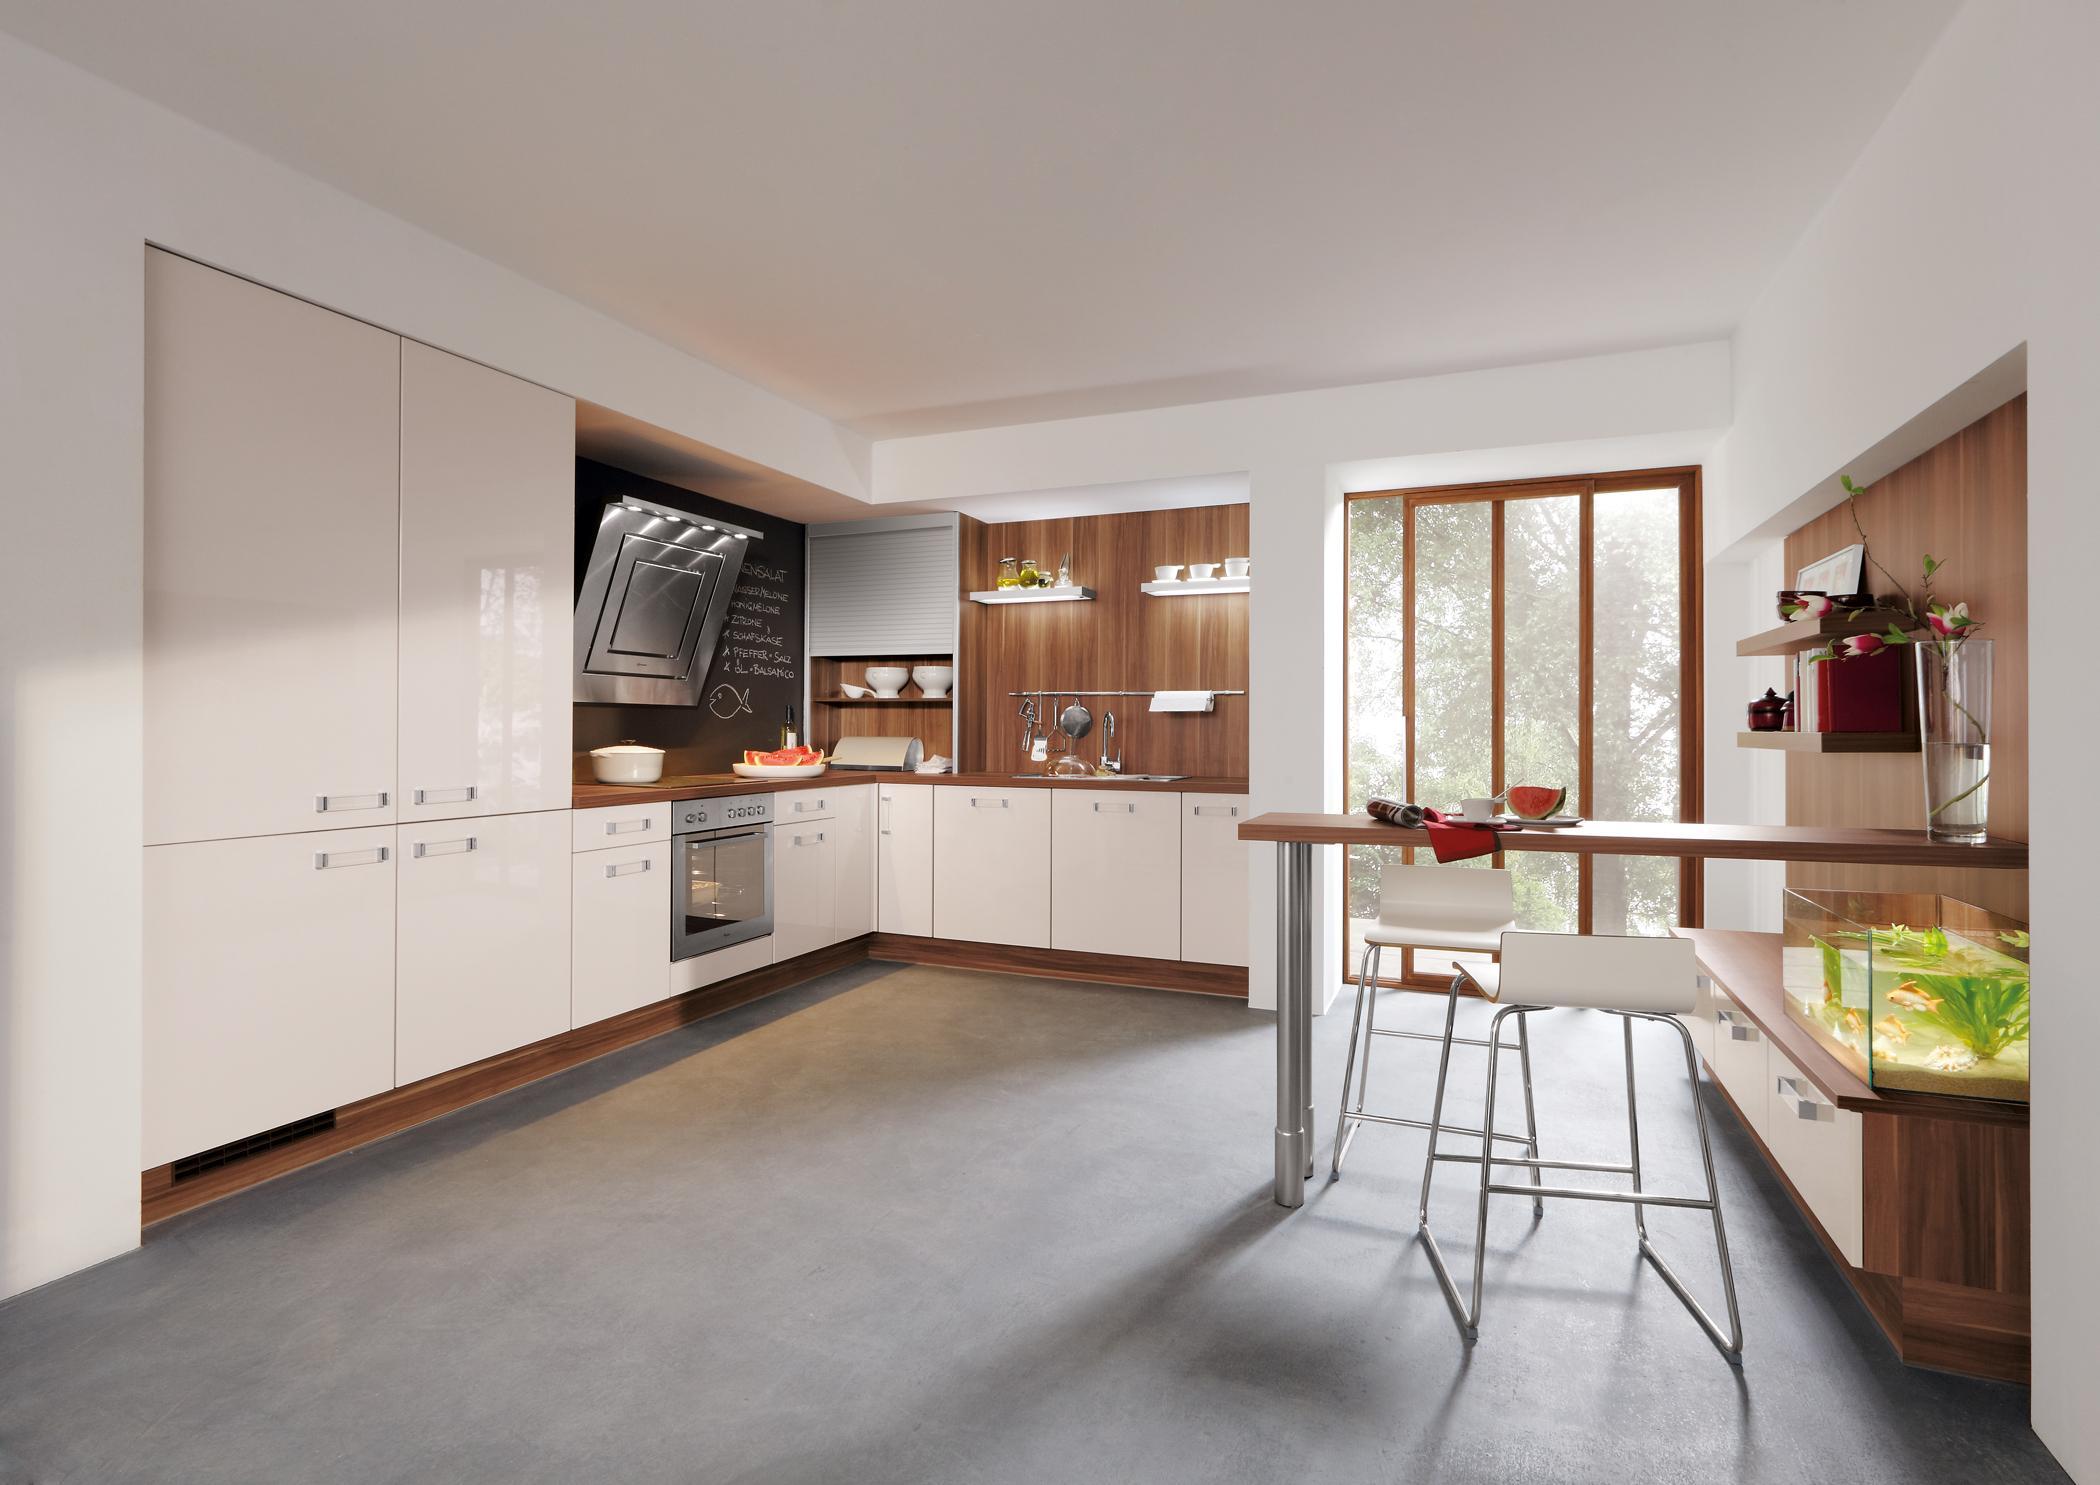 Wandgestaltung Küche: So einfach wird\'s wohnlich!